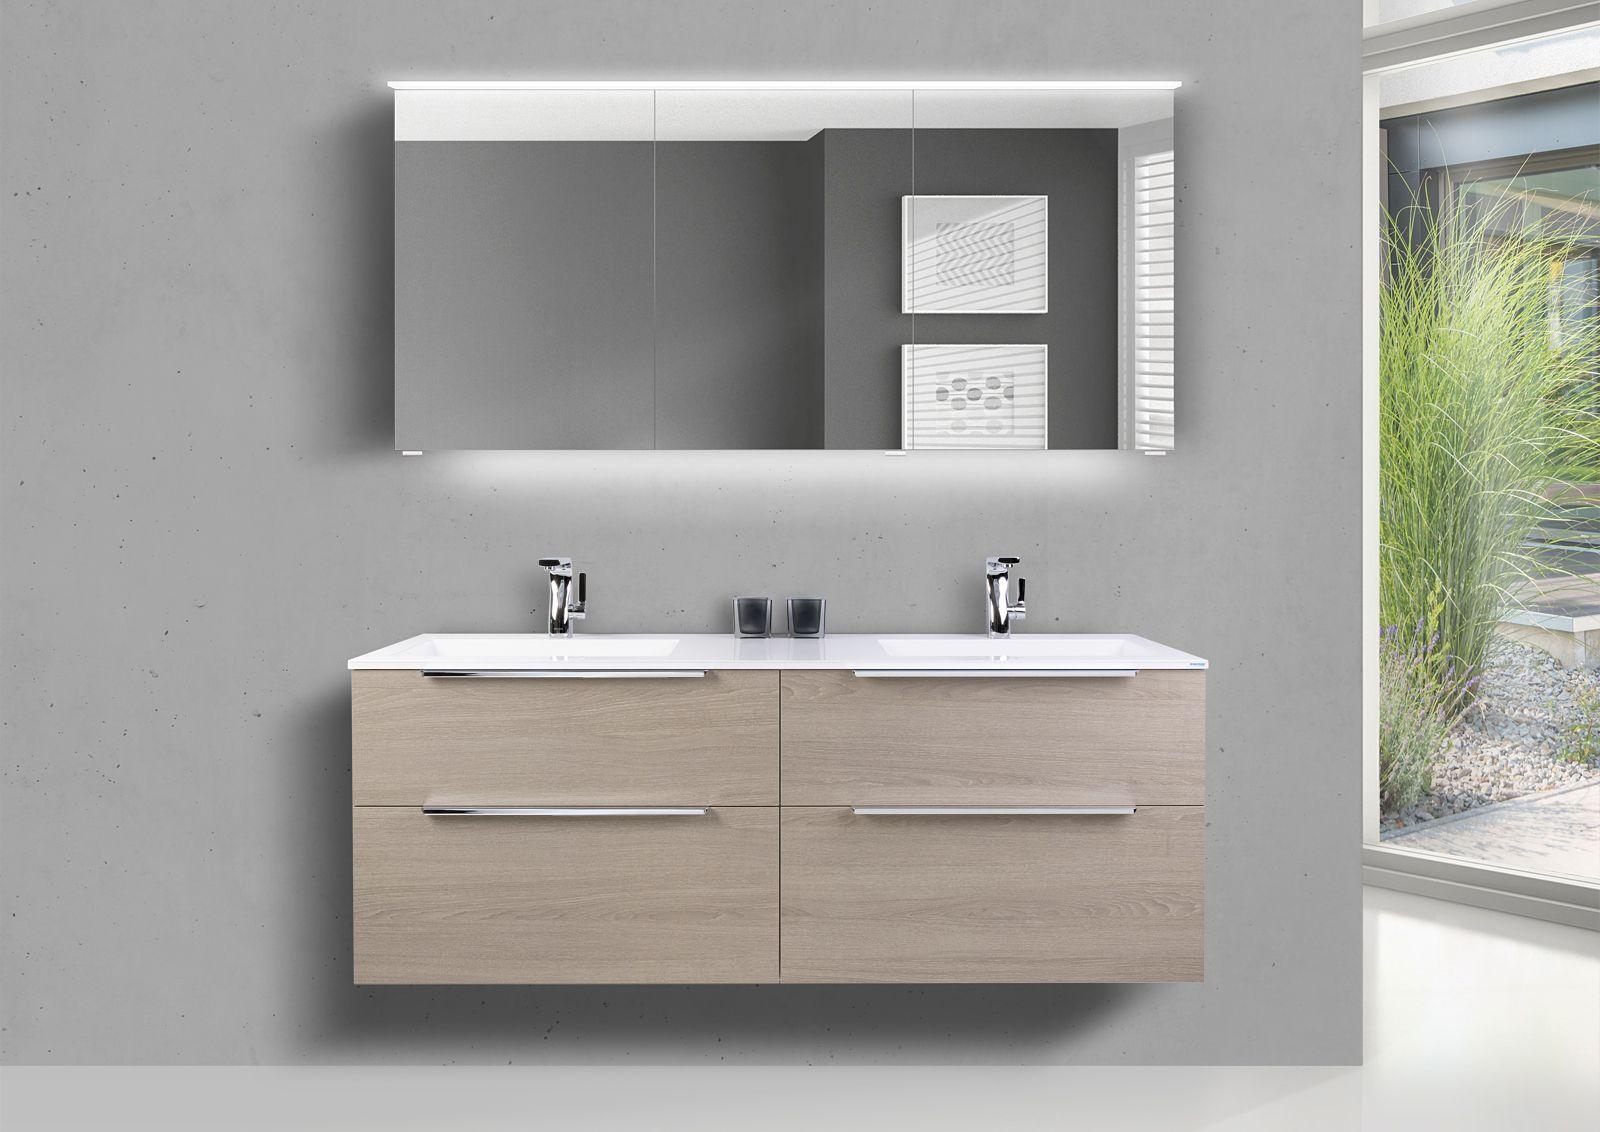 Badmobel Set 150 Cm Doppelwaschtisch Evermite Mit Unterschrank Und Led Spiegelschrank In 2020 Doppelwaschtisch Spiegelschrank Unterschrank